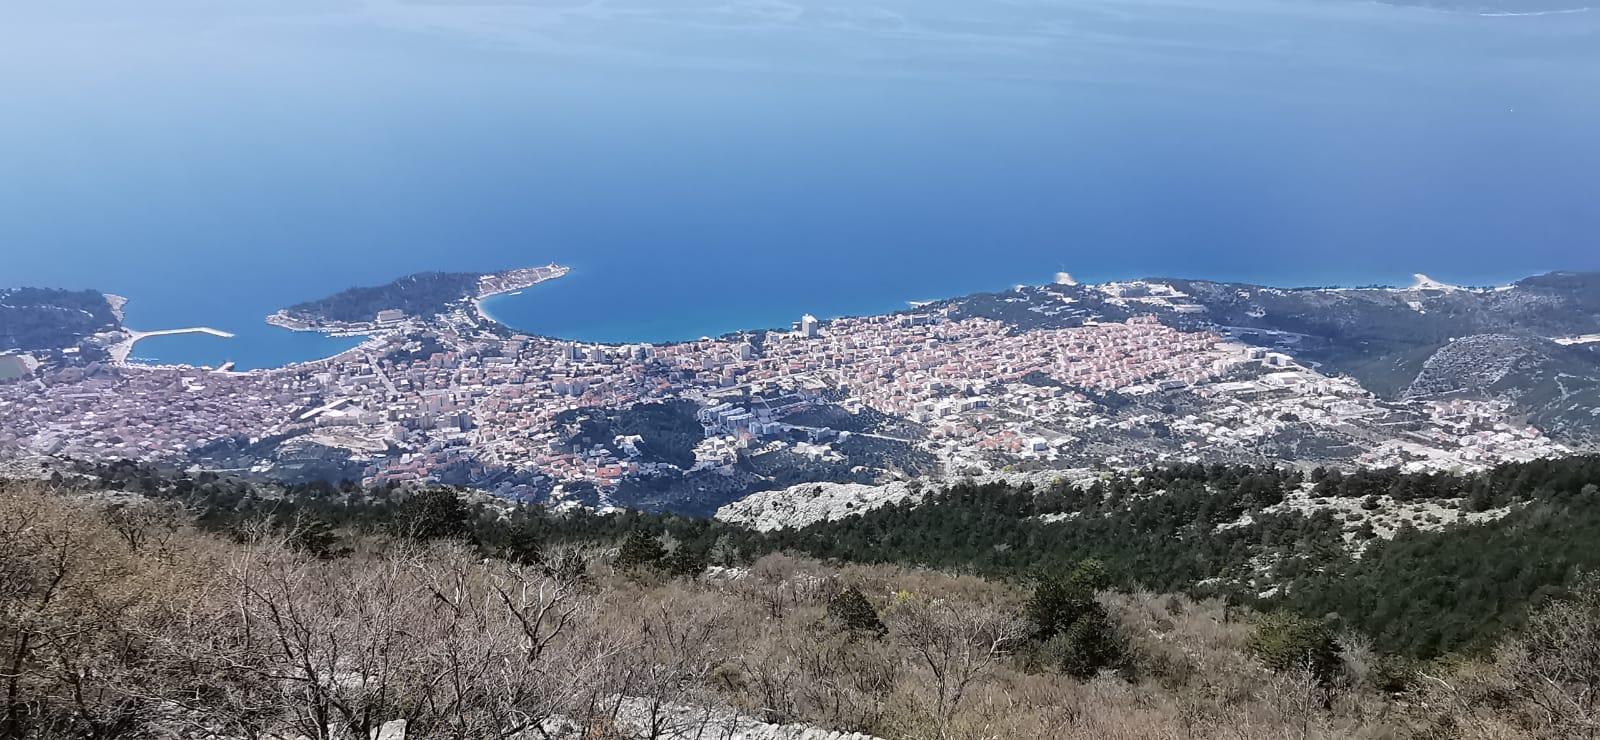 Makarska - Gastronomy and Accommodation